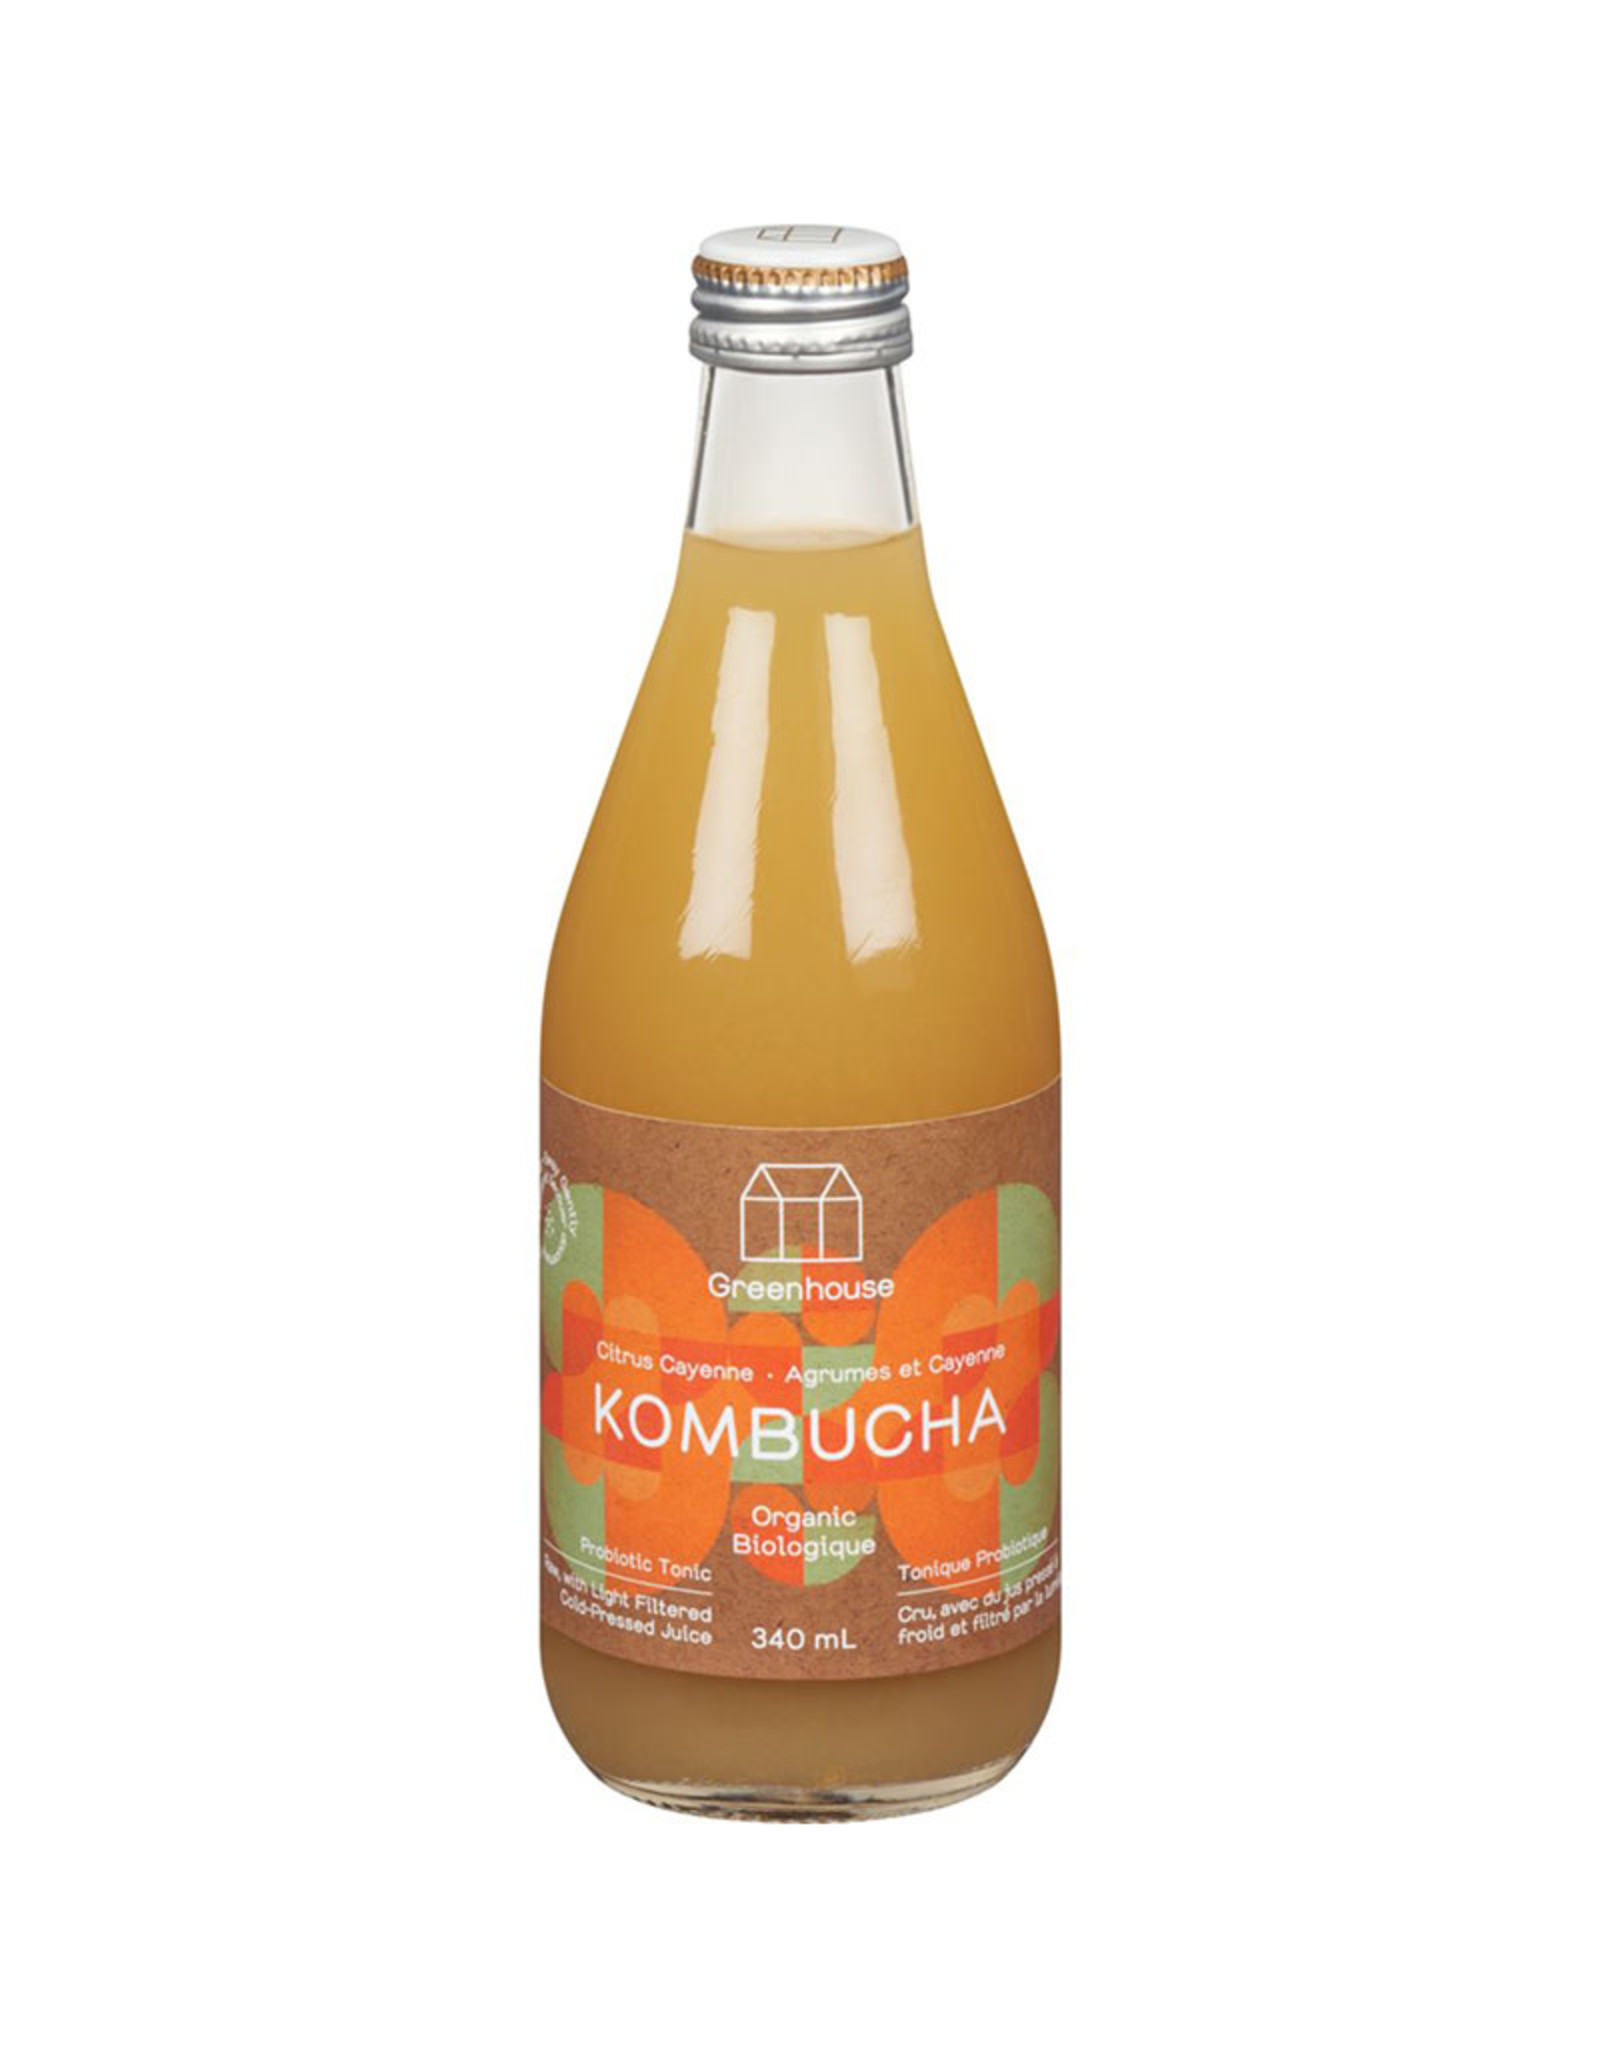 Greenhouse Juice Co. Greenhouse - Kombucha, Citrus Cayenne